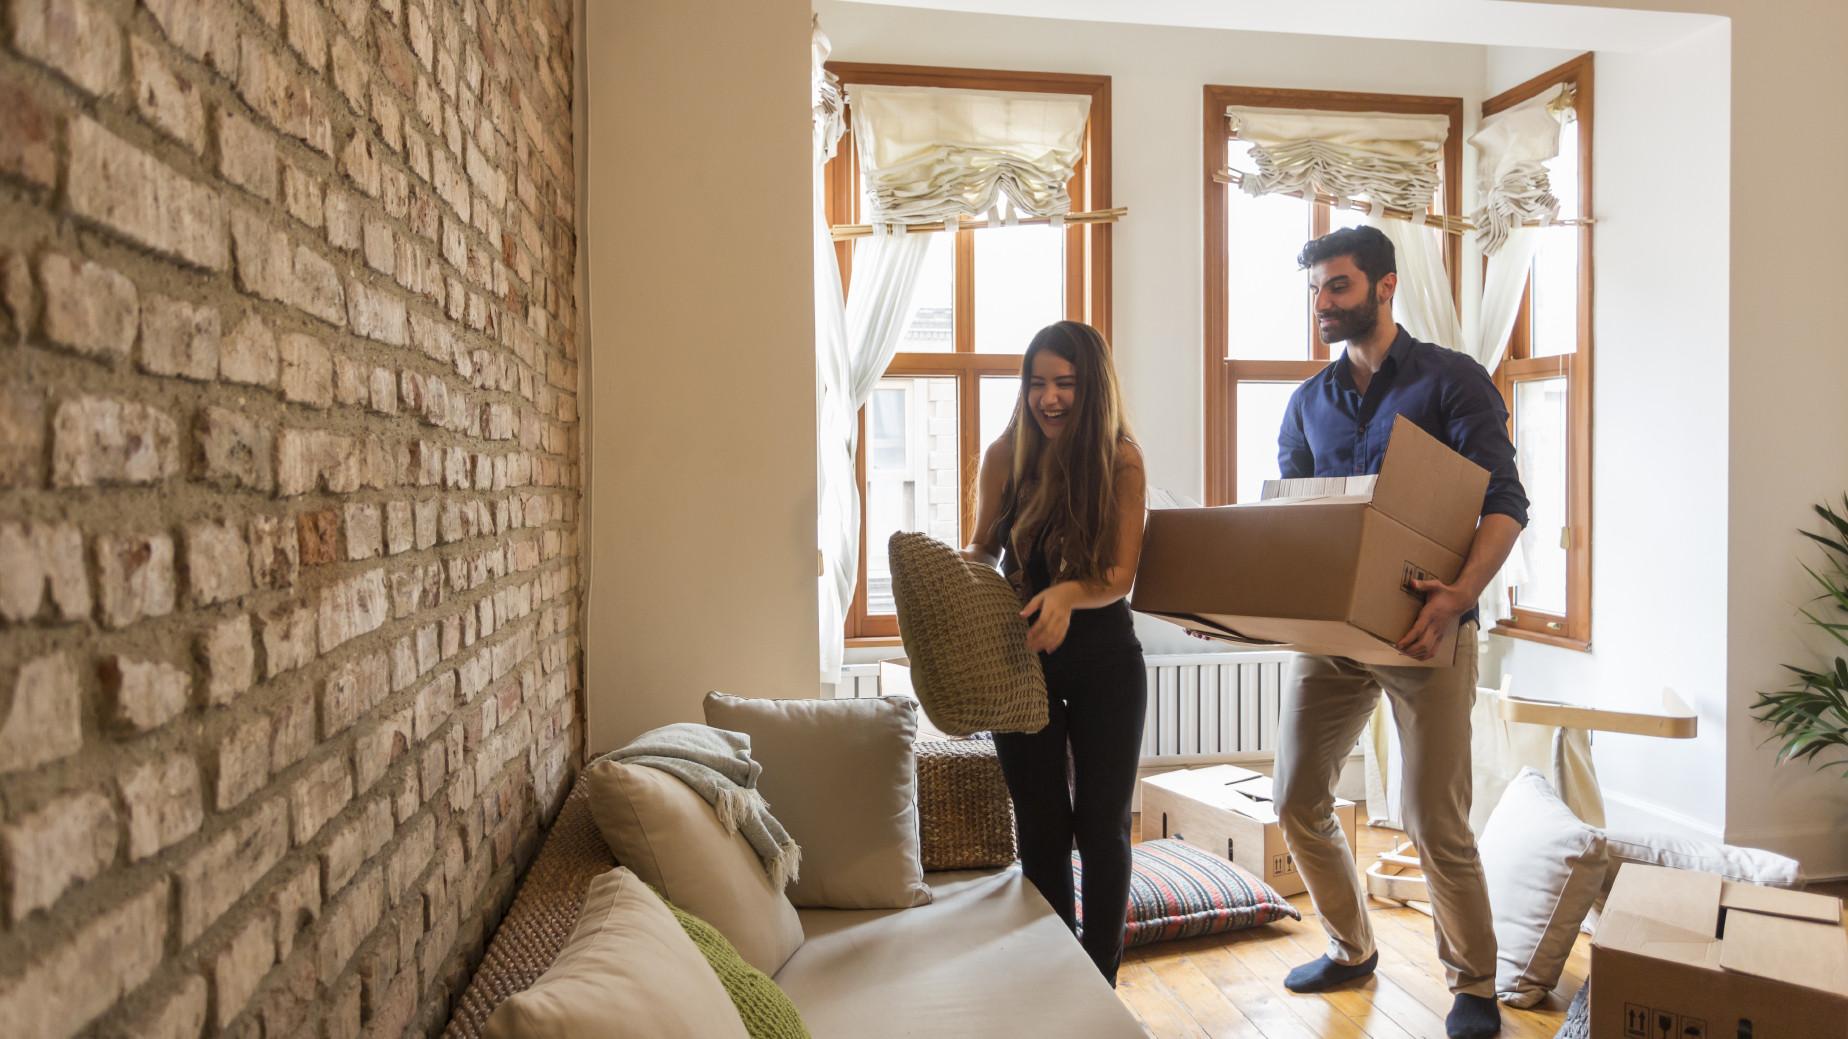 Wohnung Cloppenburg Mieten  Wohnung mieten provisionsfreie Mietwohnungen auf